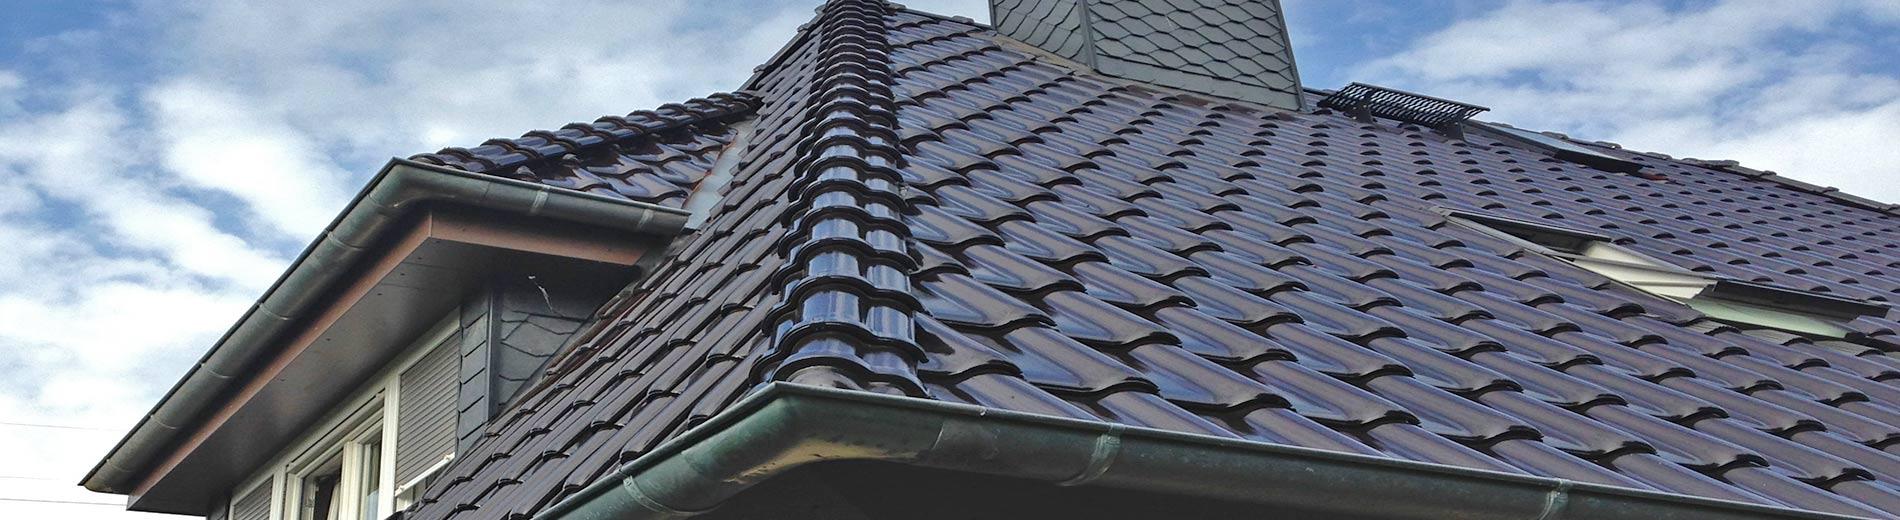 Dachdecken Anleitung Dach Neu Decken Anleitung Perfect Dachdecken